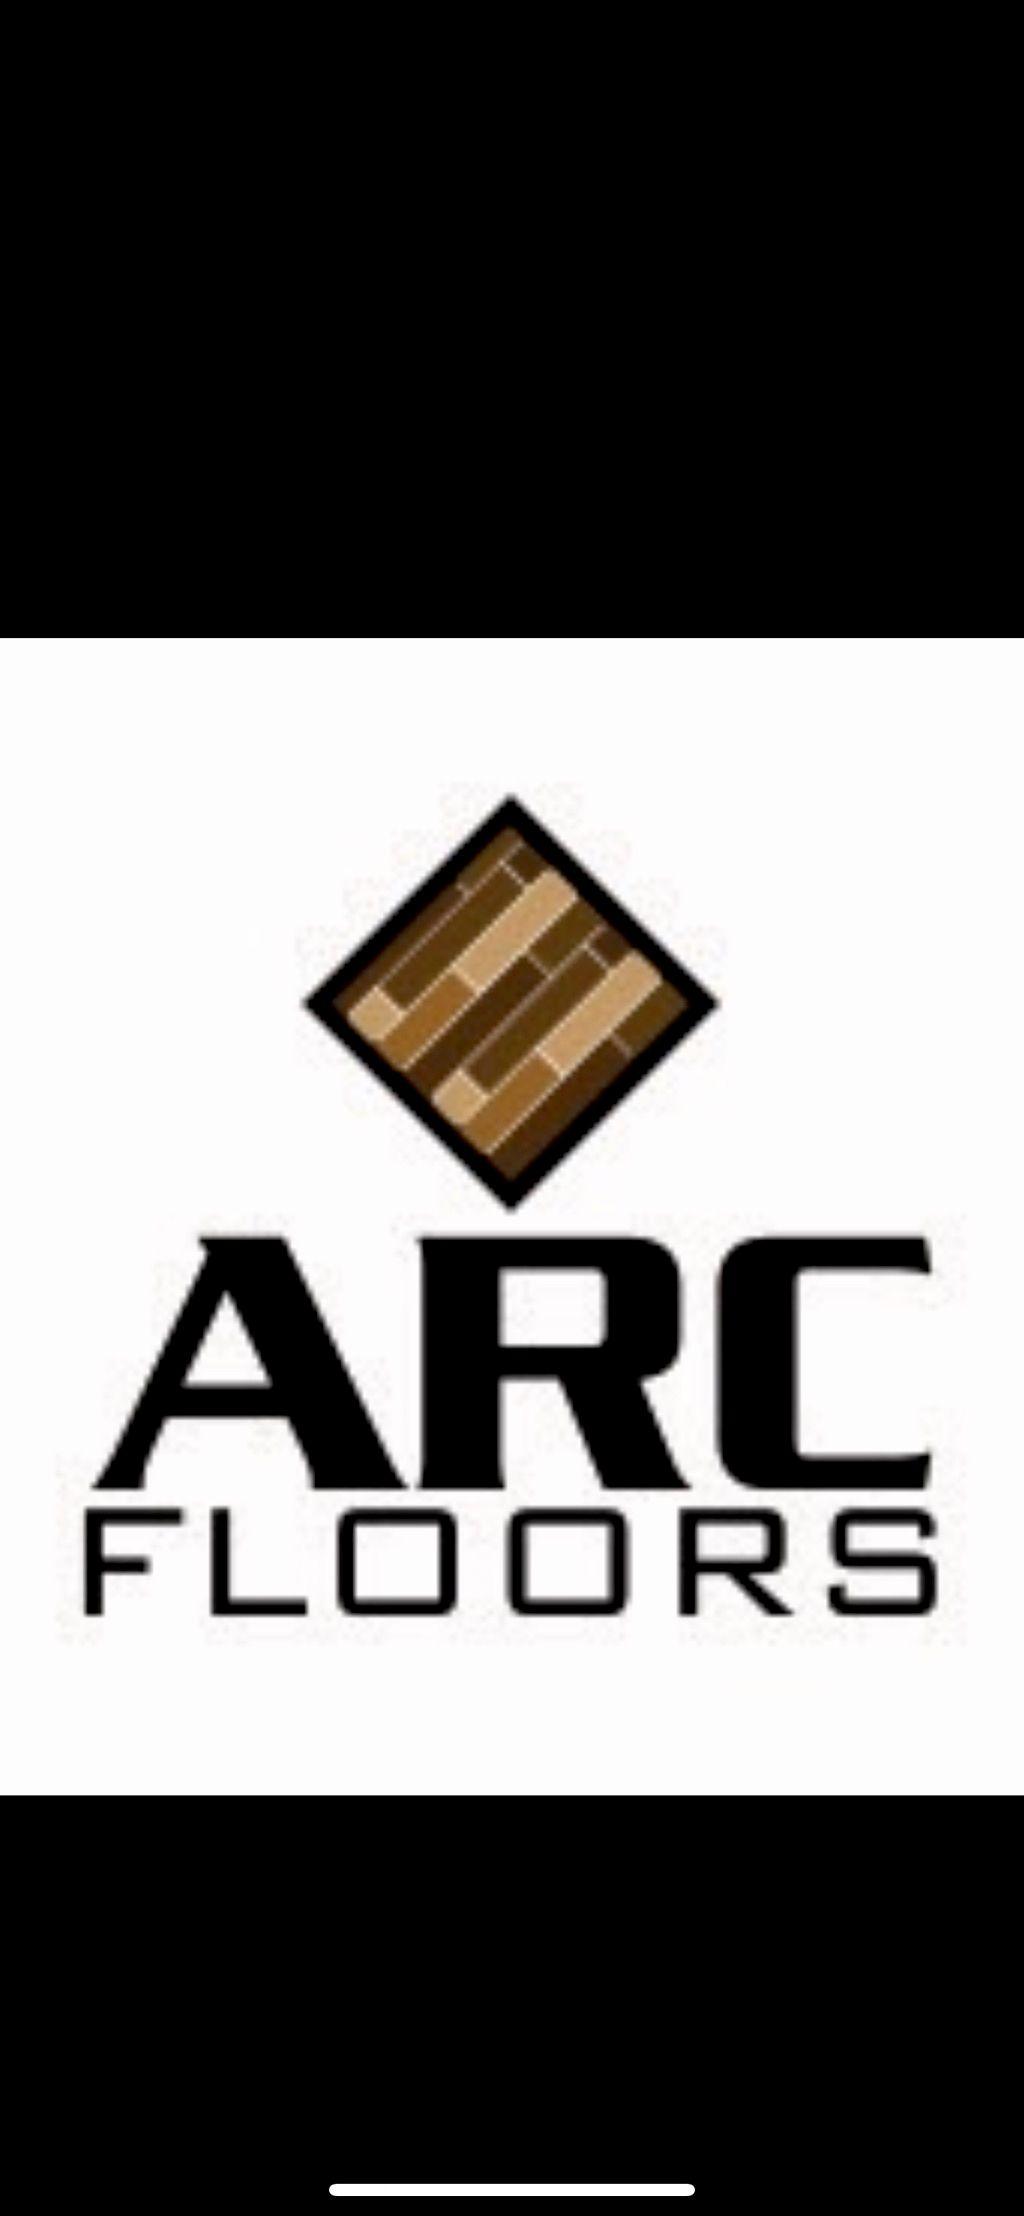 ARC FLOORS